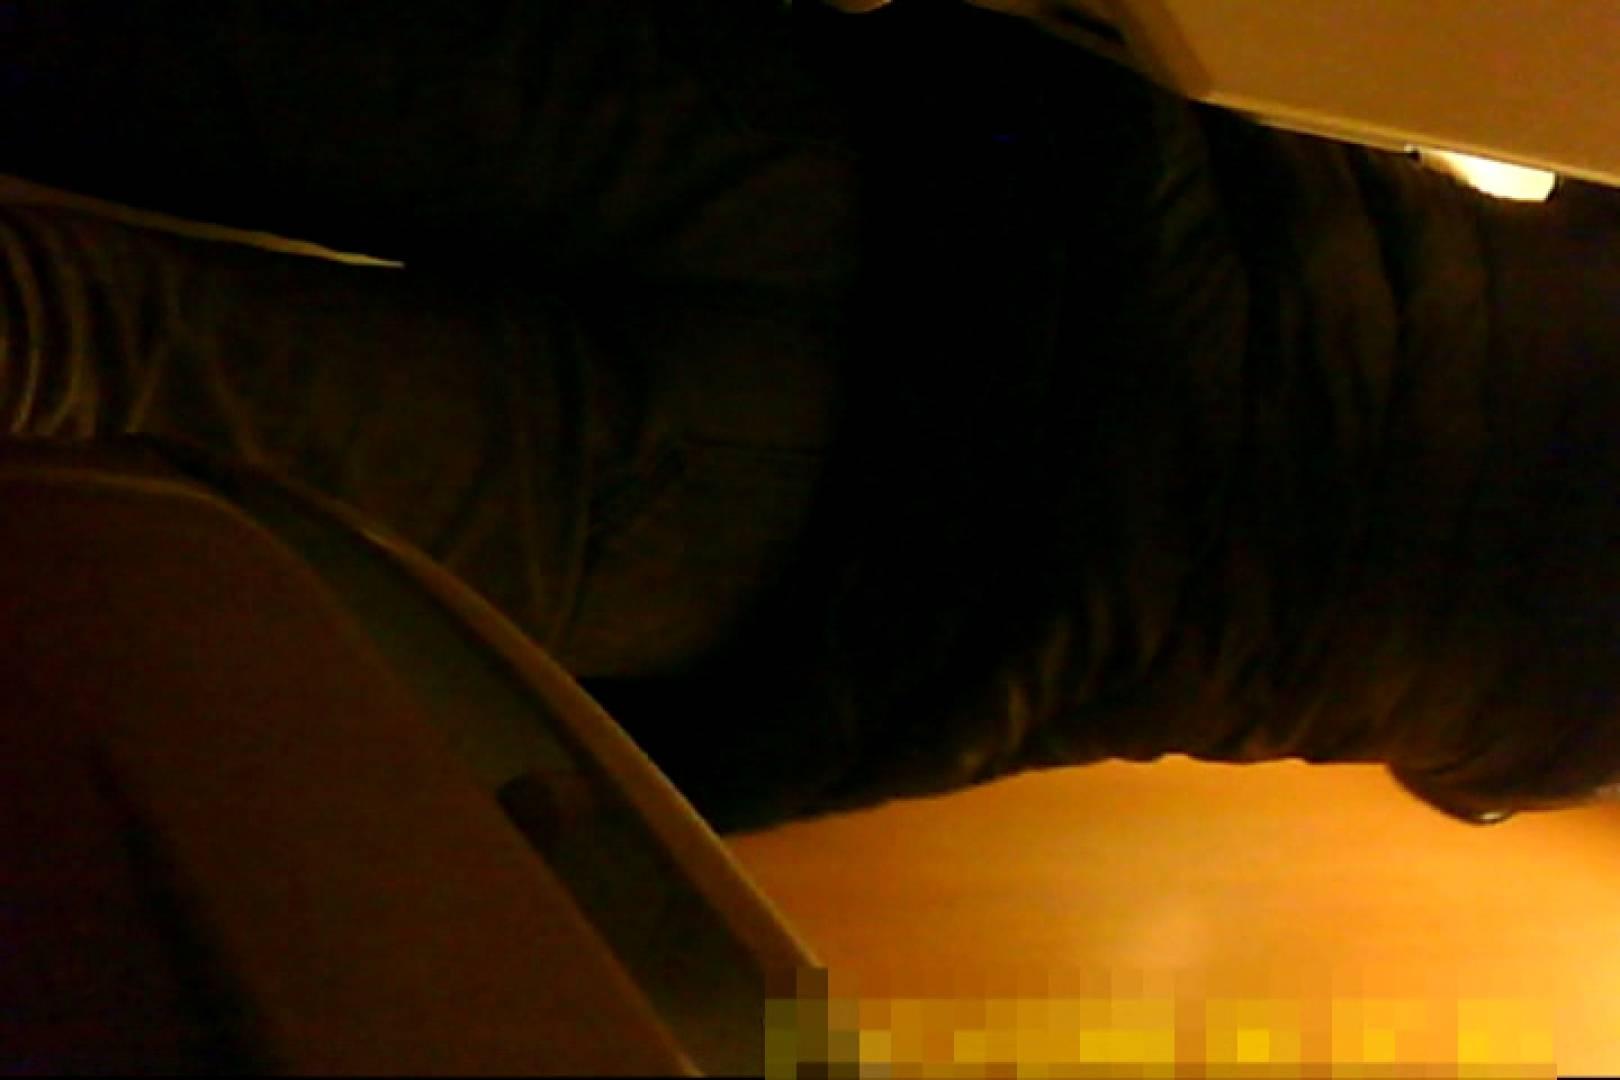 魅惑の化粧室~禁断のプライベート空間~vol.7 プライベート   独身エッチOL  89pic 54